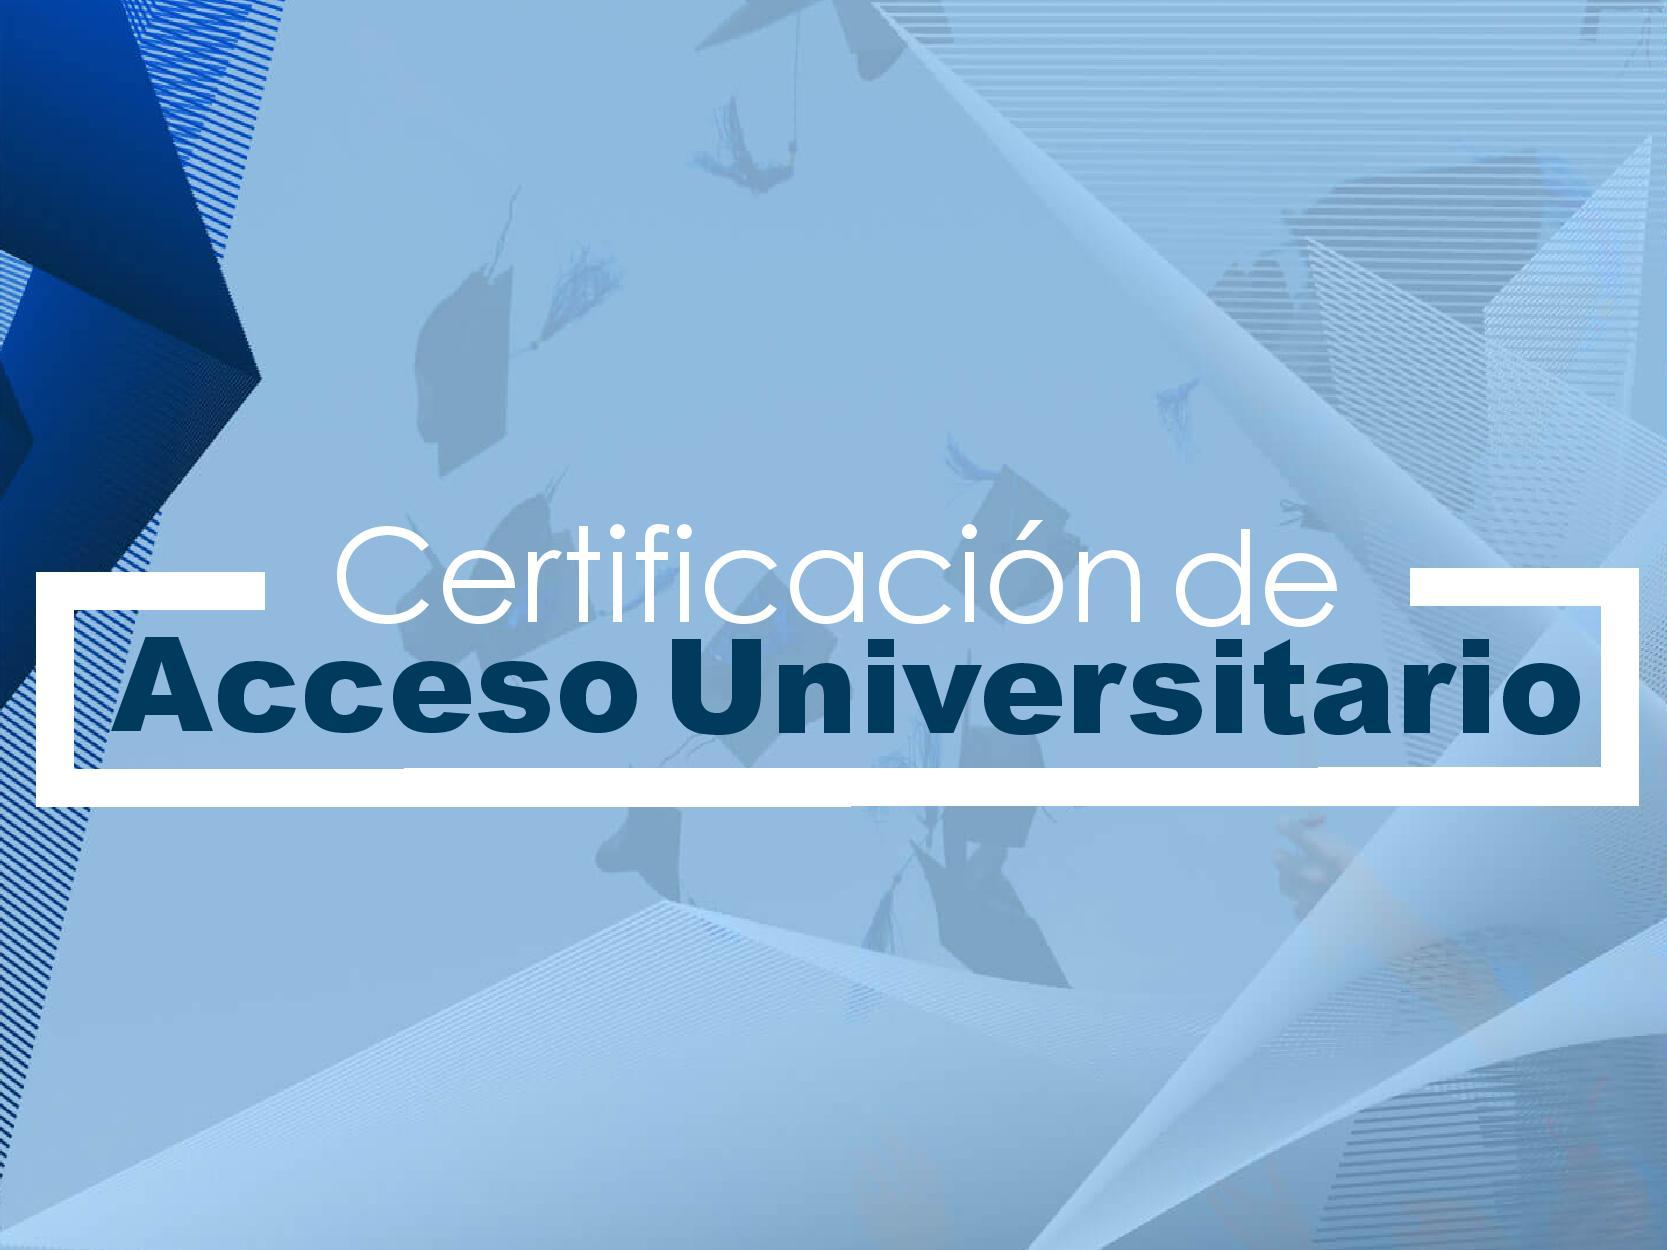 Certificacion de acceso unicersitario 800×600-page-001